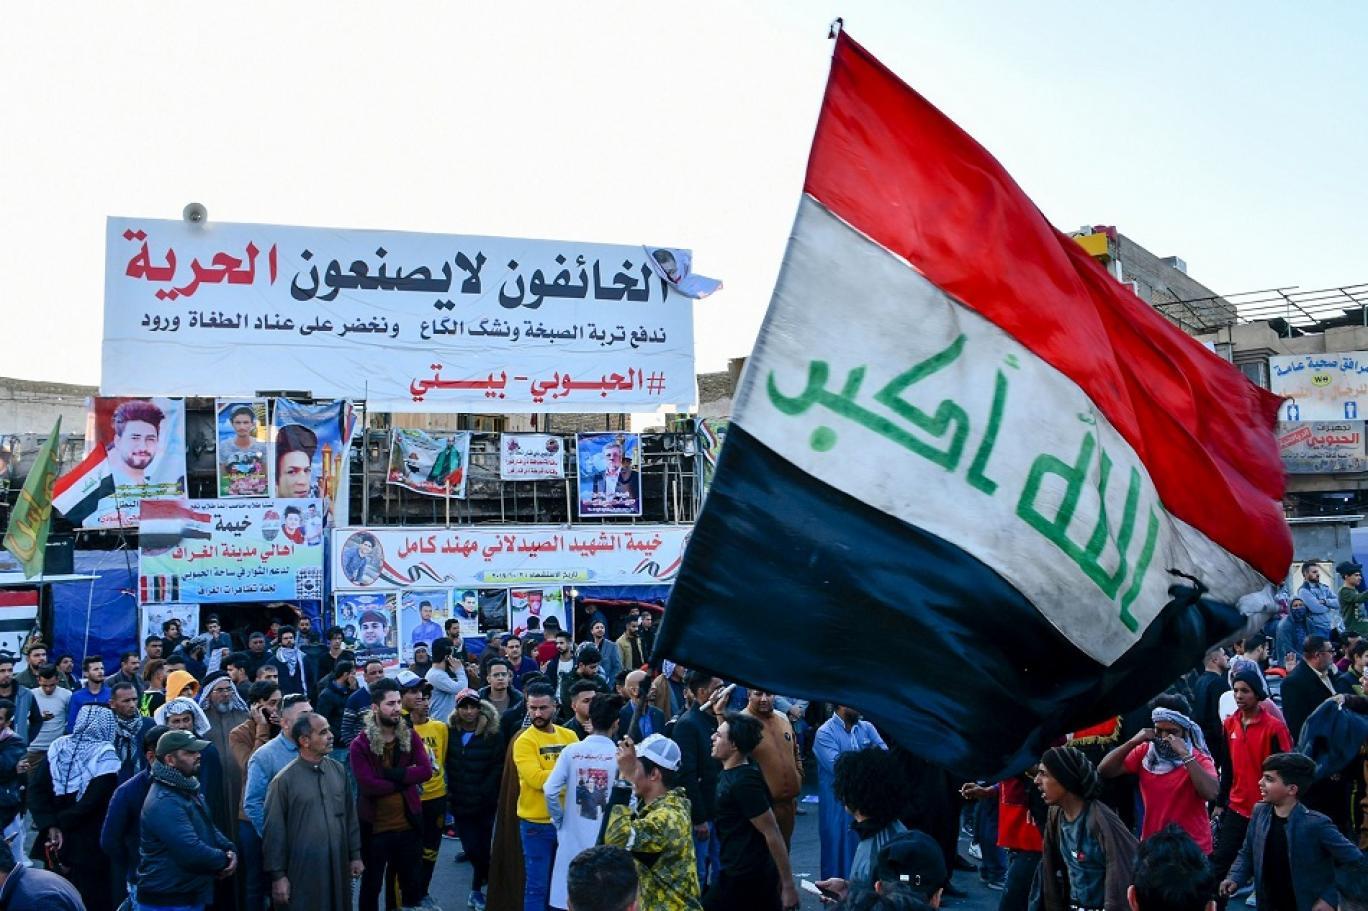 Iraklı Şii Koordinasyon Grubu: Sonuçları tanımayacağız!